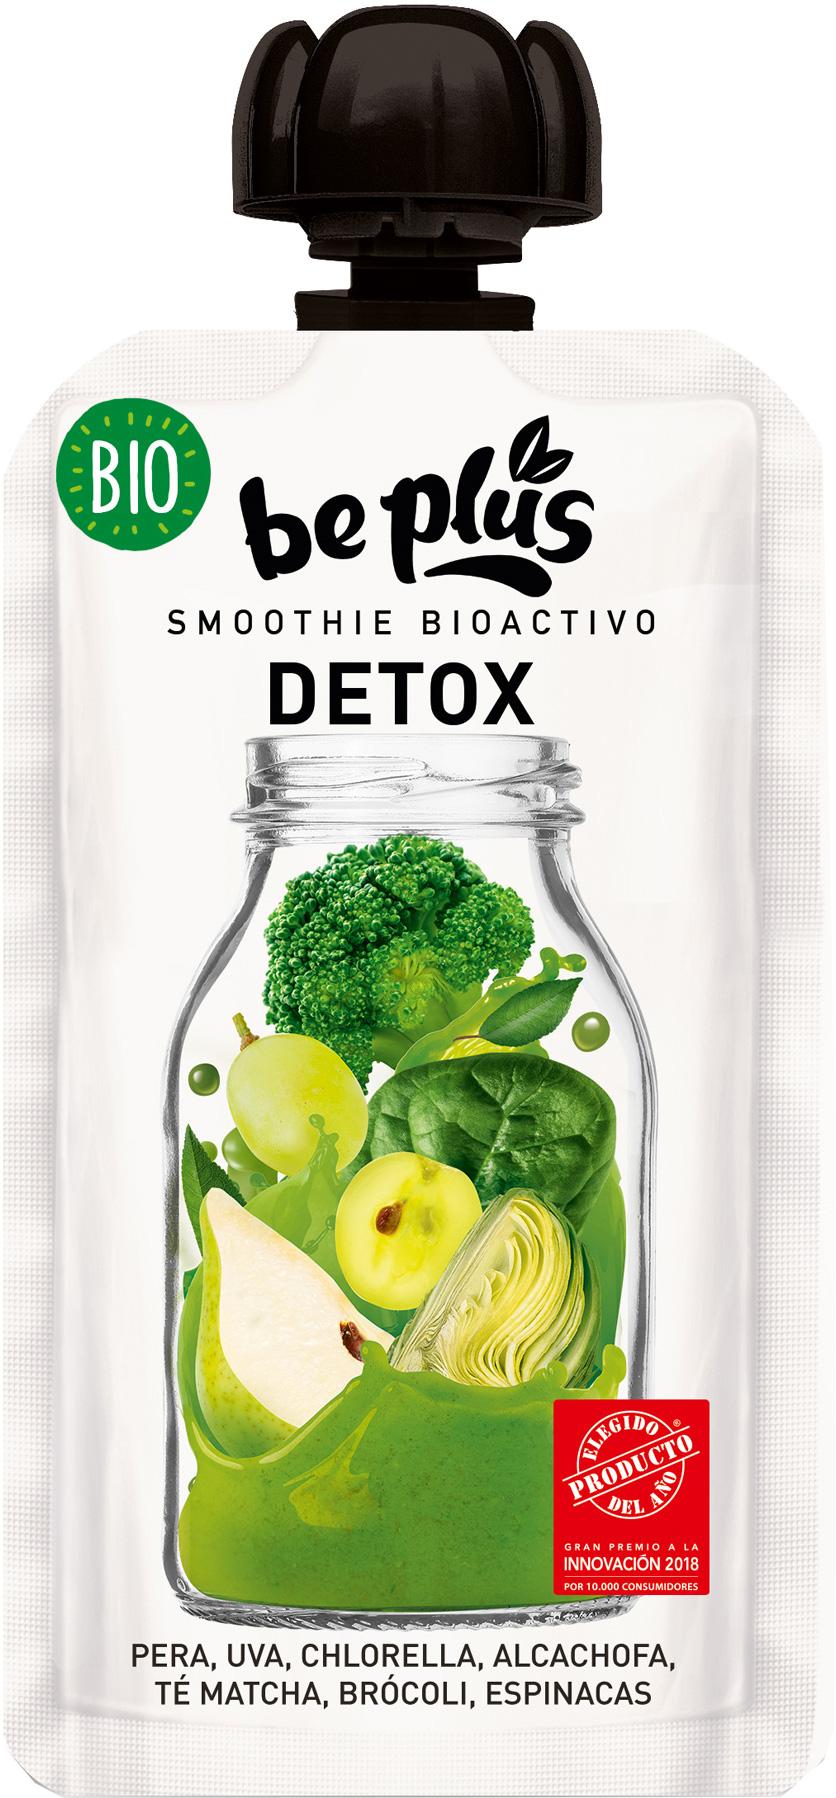 Биоактивное смузи Be Plus Детокс 150 г